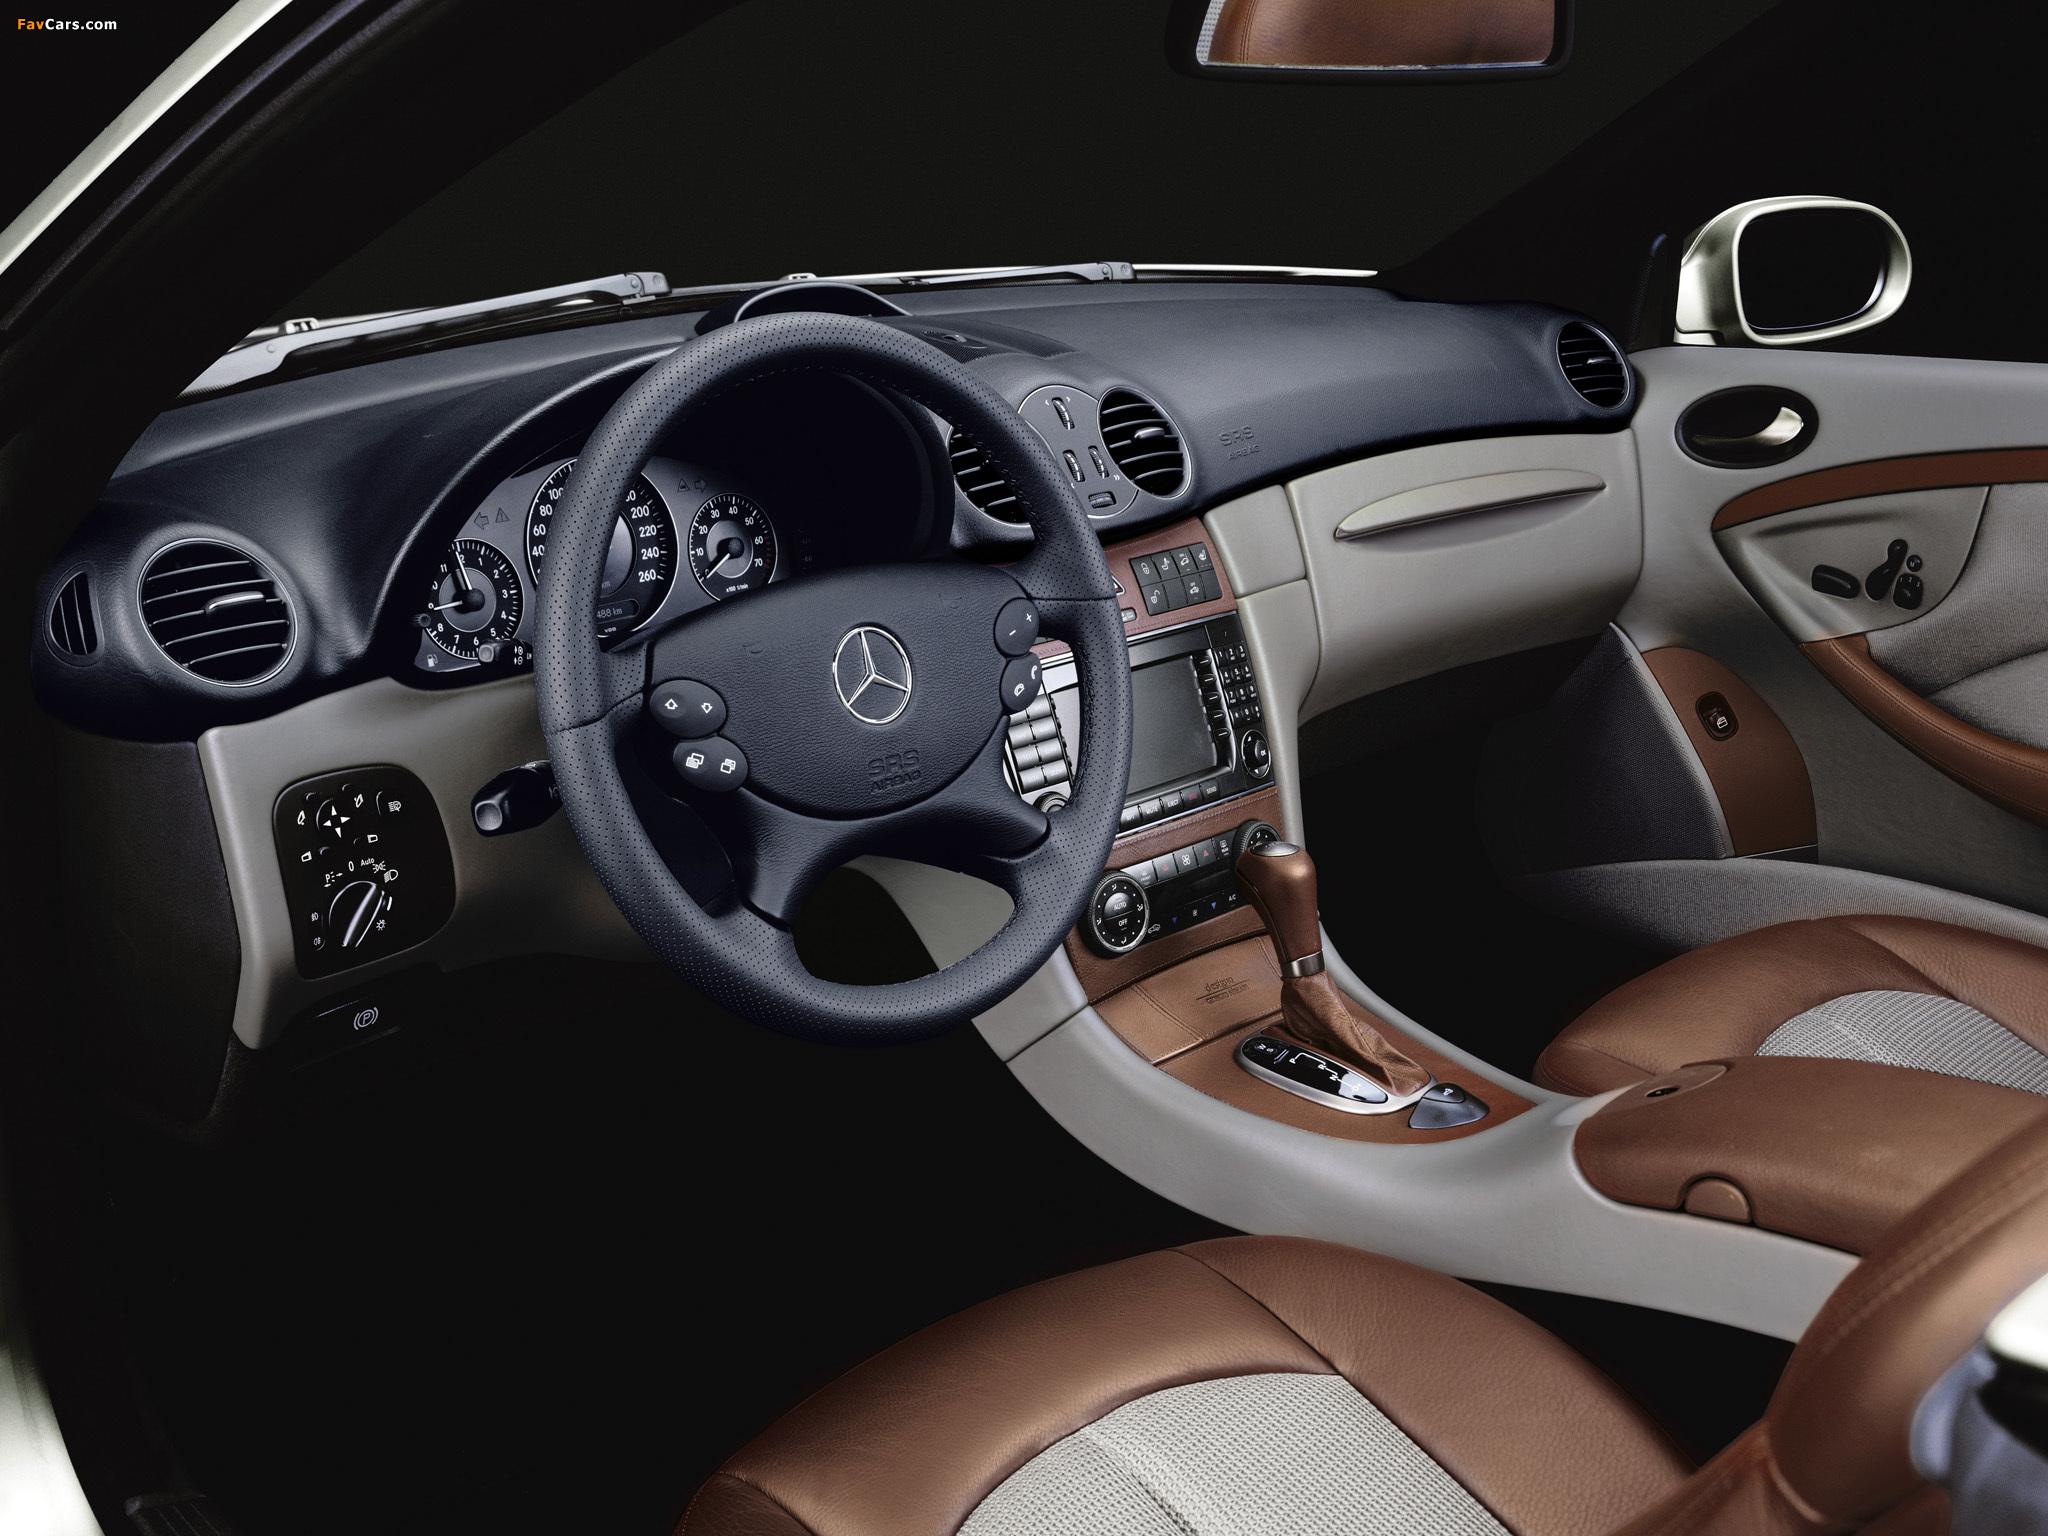 Mercedes-Benz CLK 500 Cabrio by Giorgio Armani (A209) 2004 images (2048 x 1536)